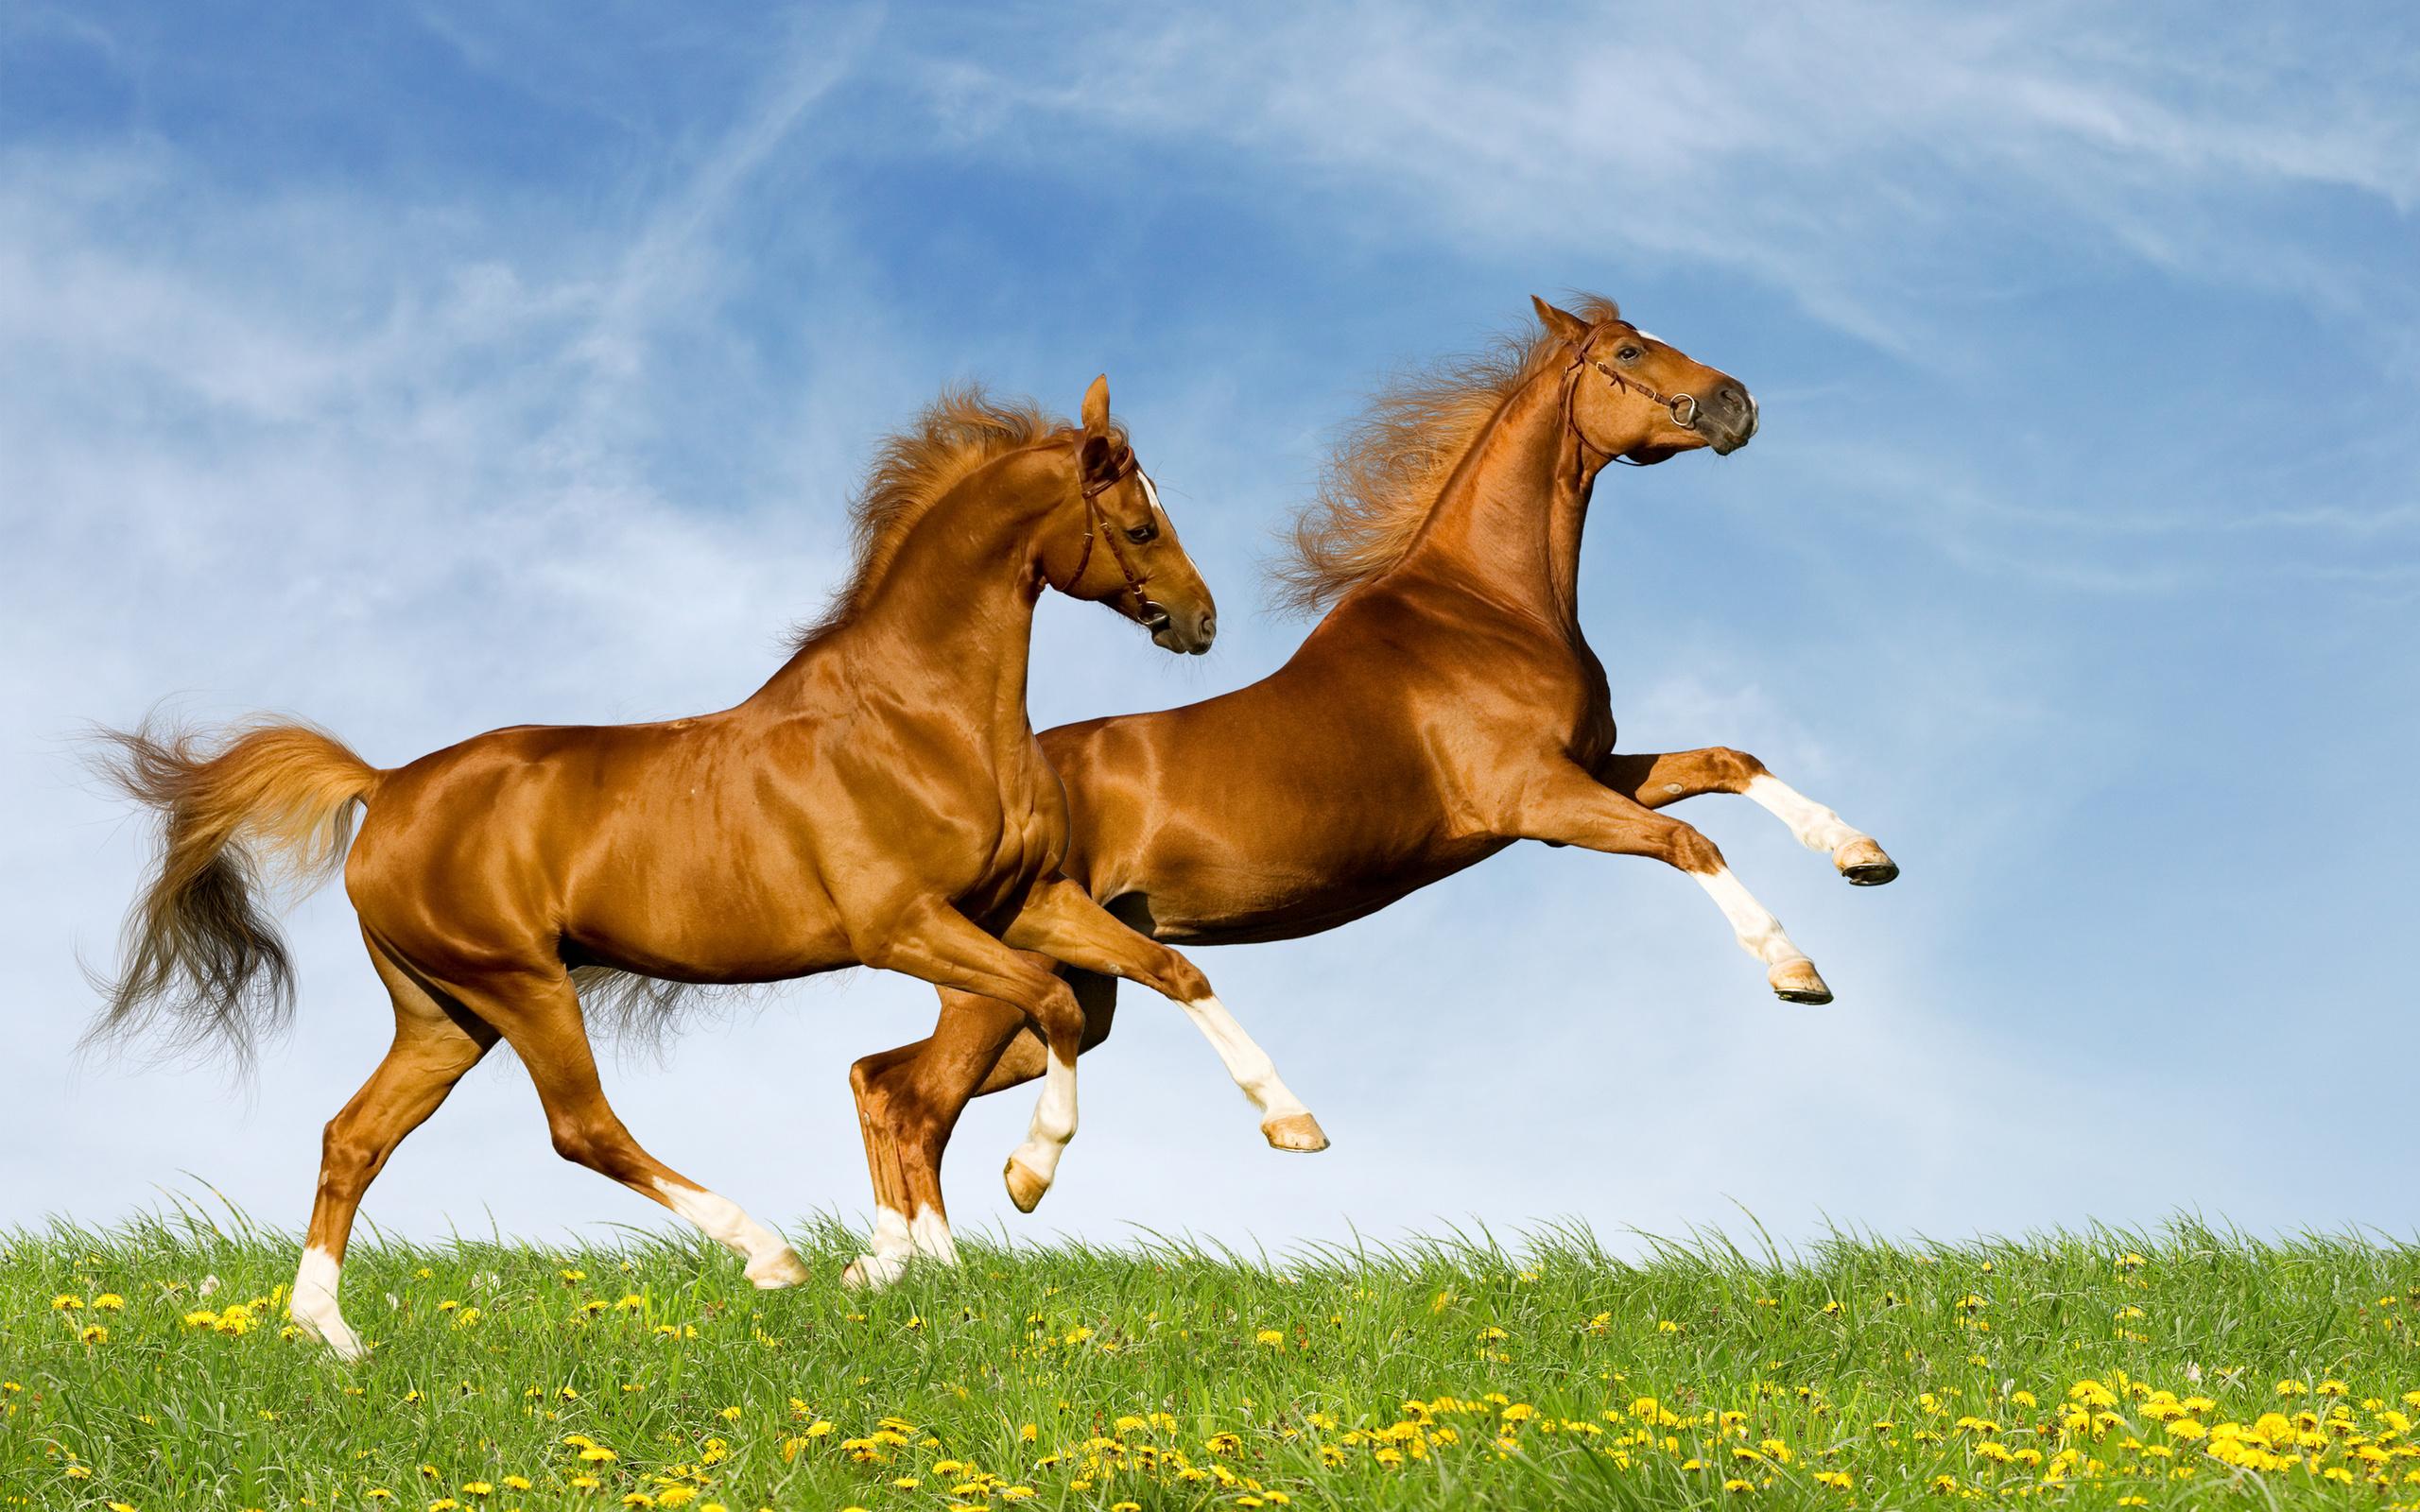 Картинка с лошадью